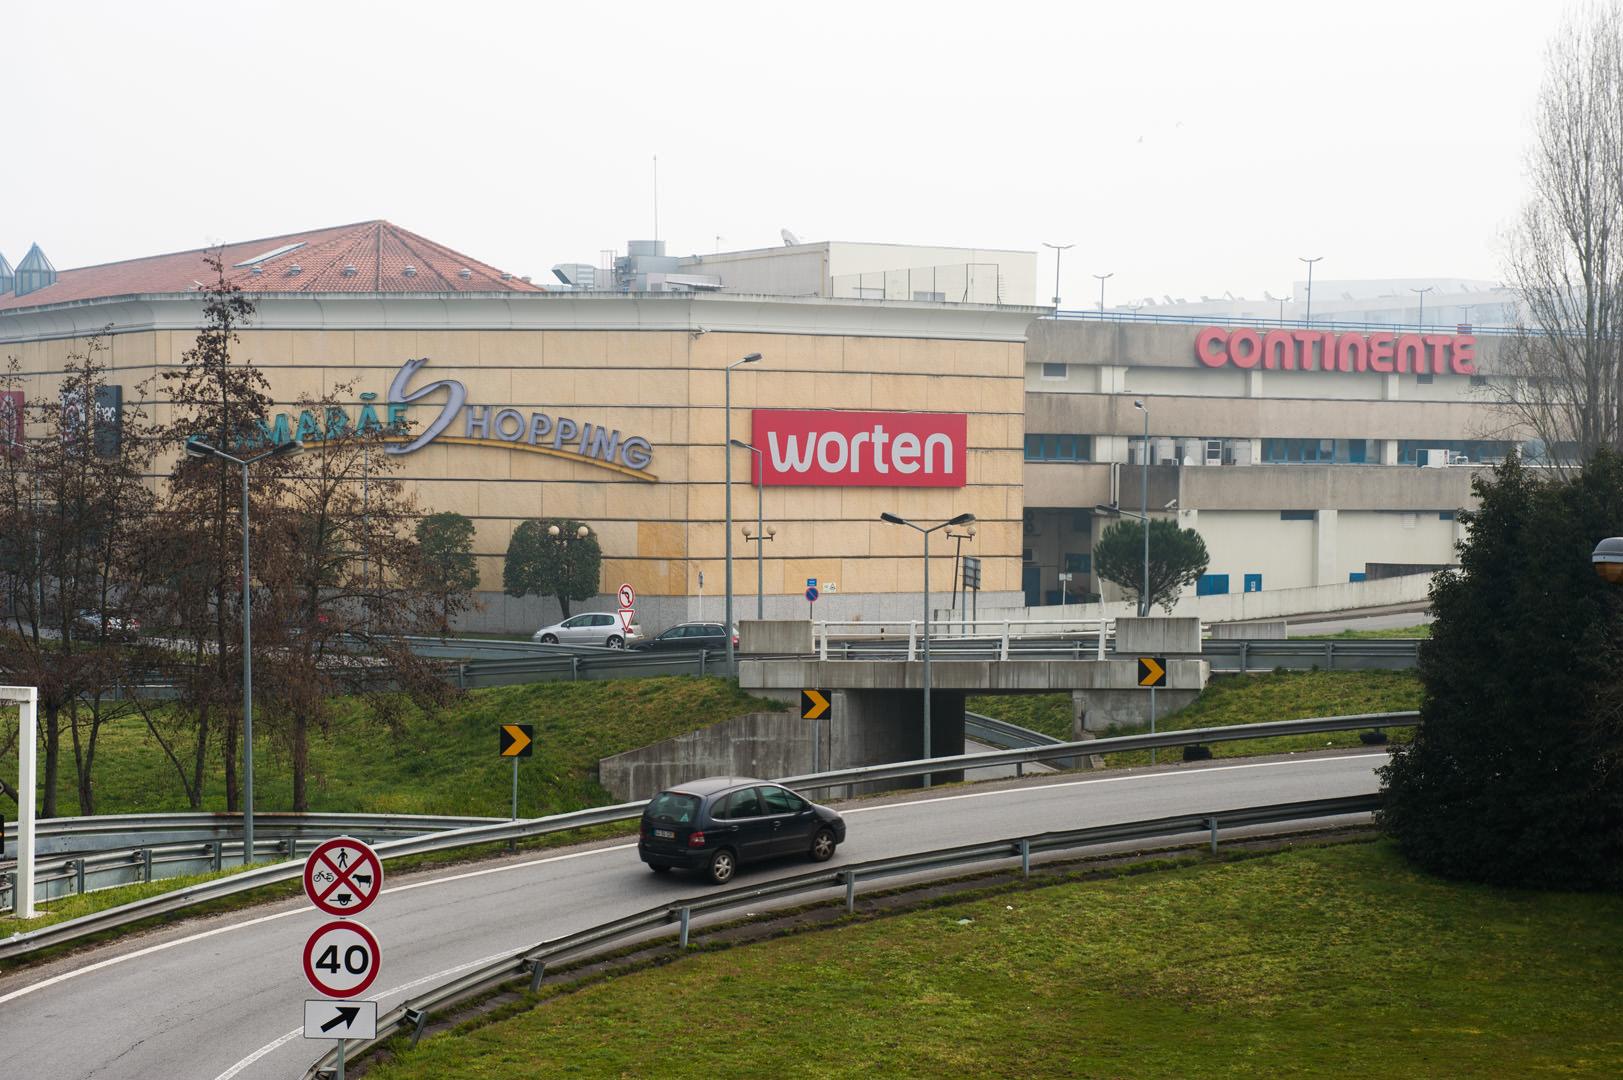 Acessos Guimarães Shopping